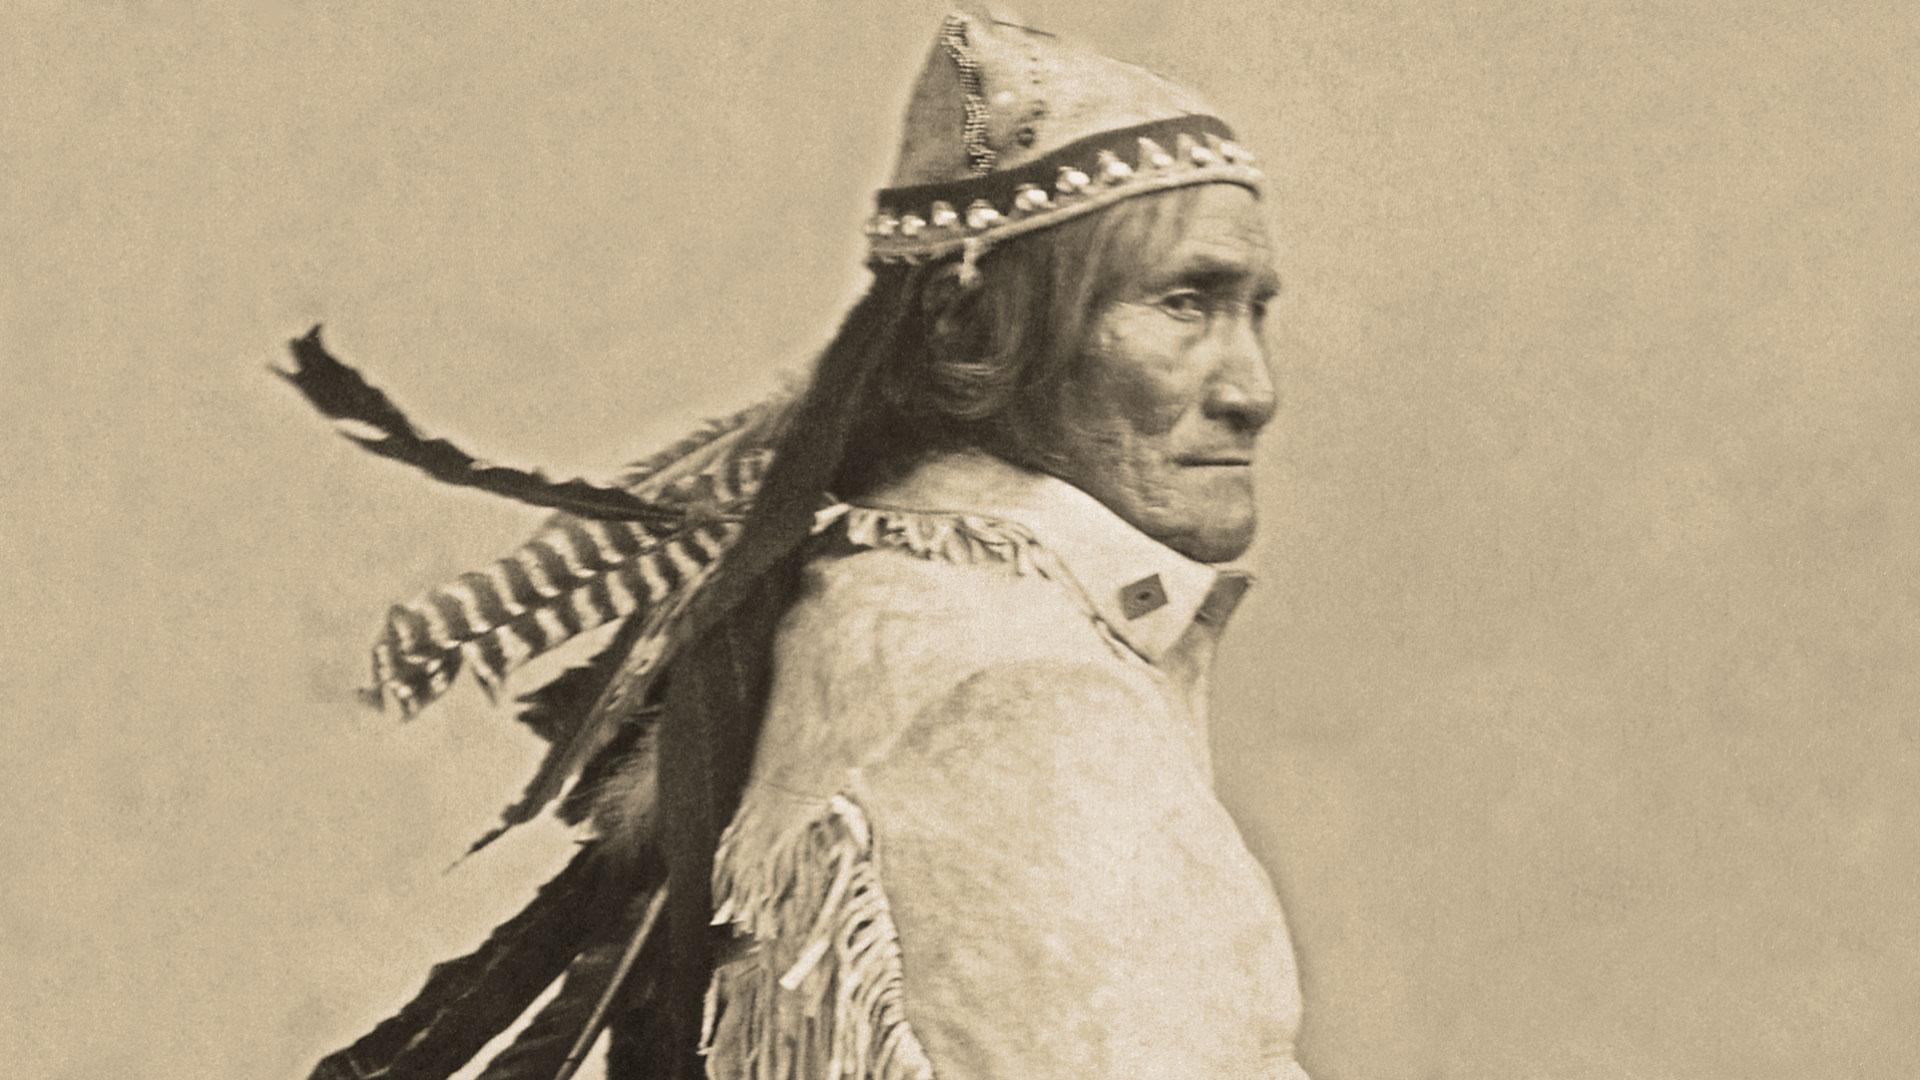 Apač kome ni četvrtina američke pešadije nije mogla ništa: Džeronimo je bio šaman dostojan divljenja!